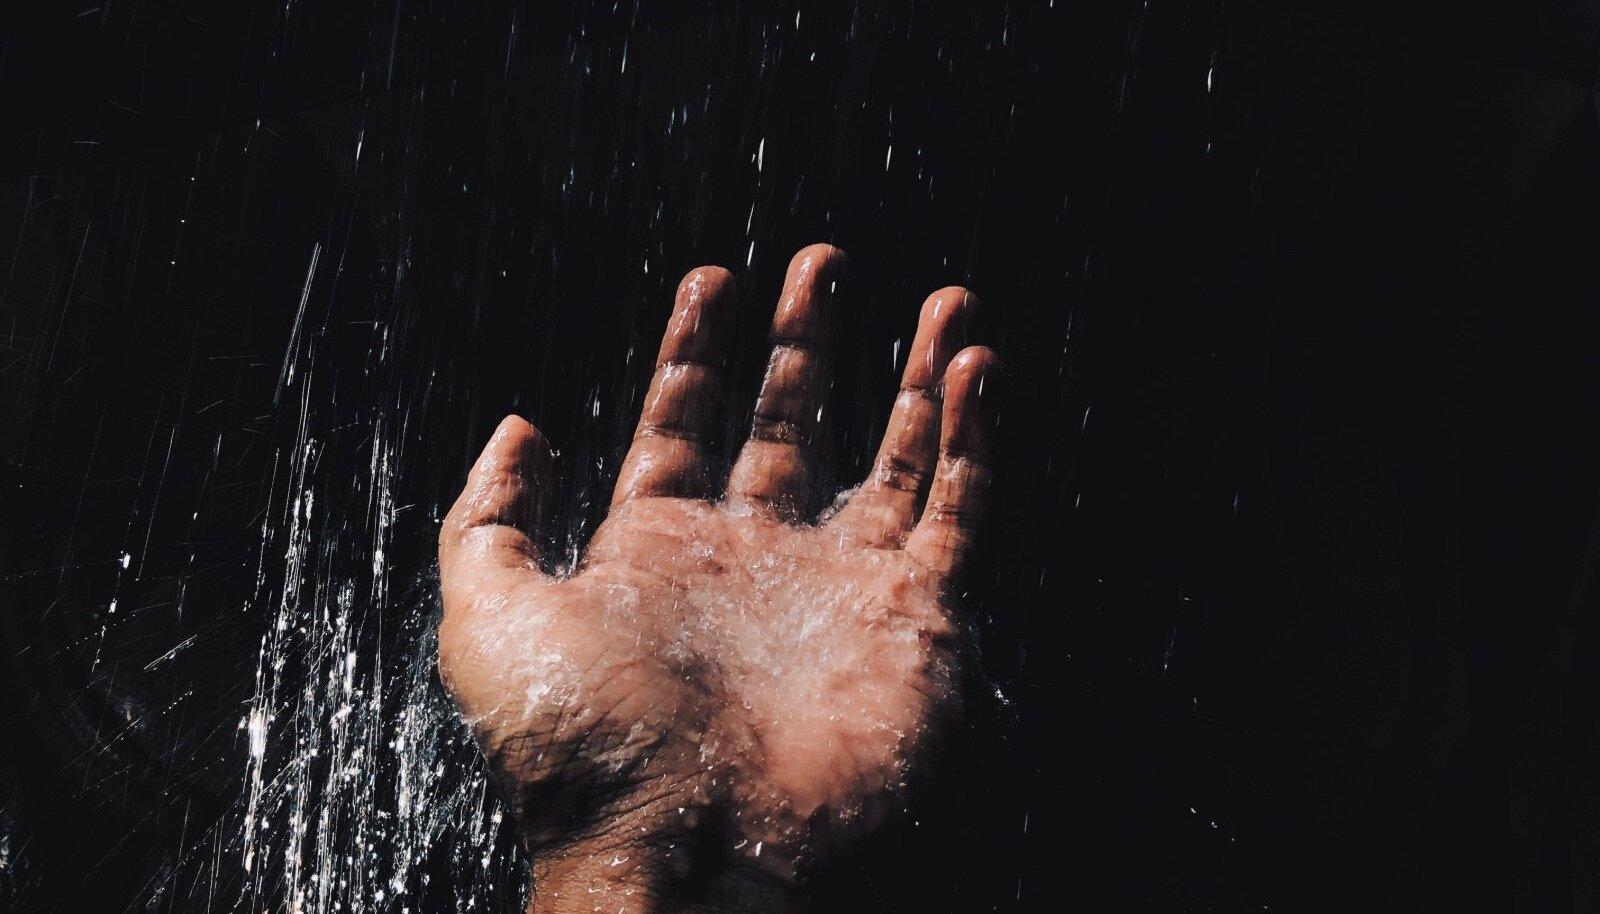 В самом ли деле нам нужно мыться в душе каждый день?